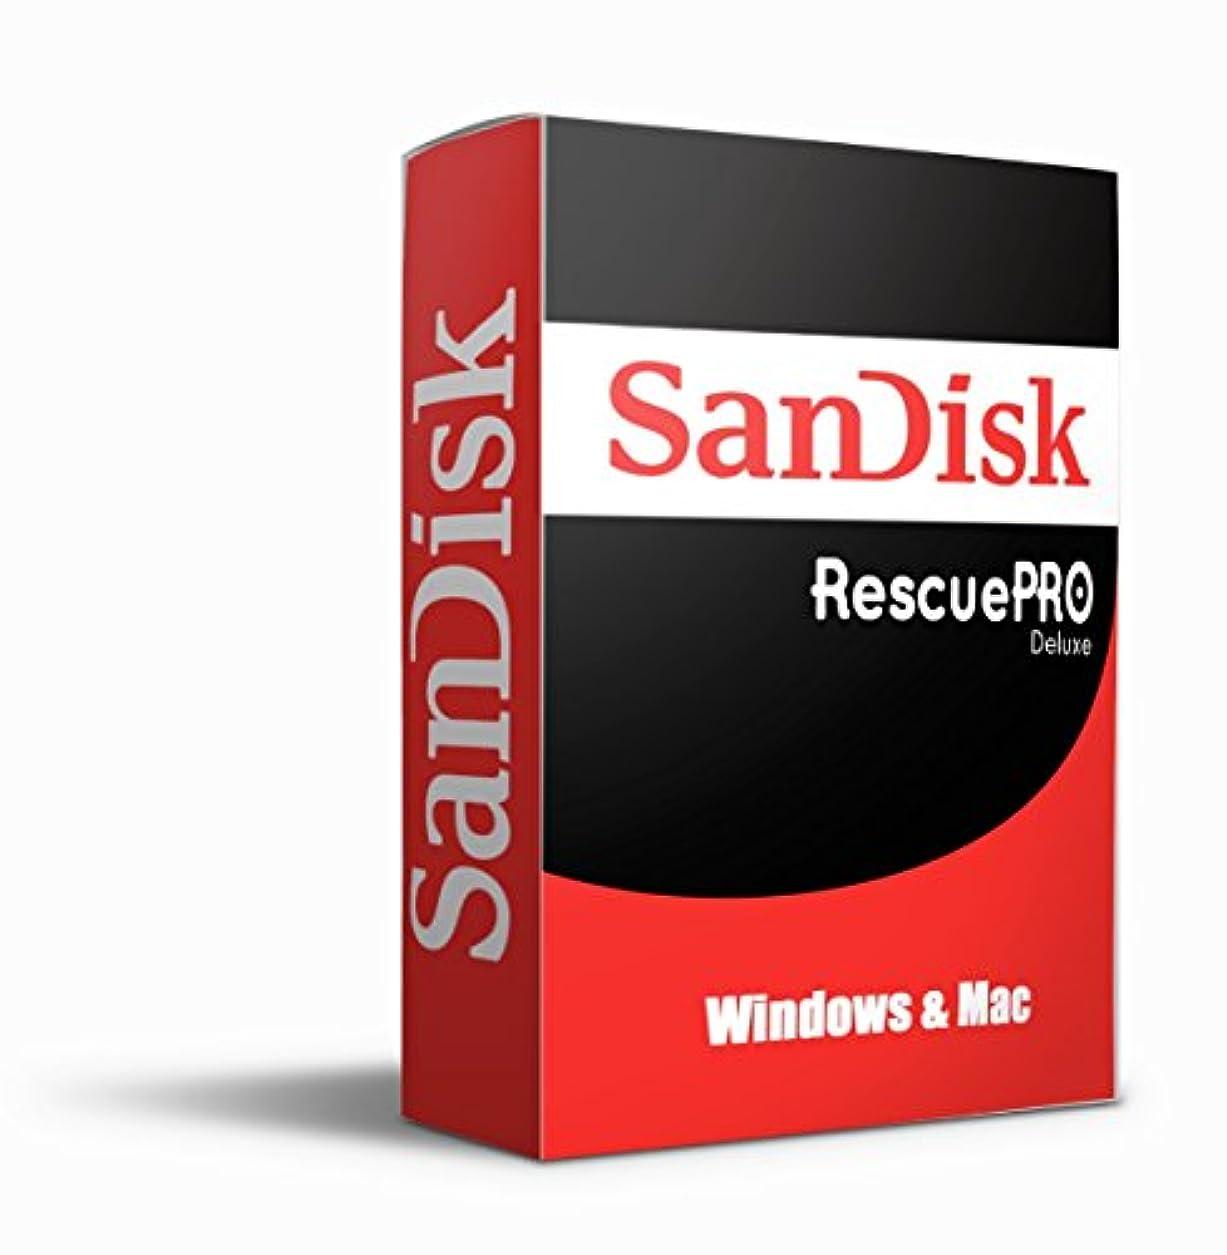 サンディスクレスキュープロデラックス| RescueProデラックス| 1年間のサブスクリプション| デジタルキー